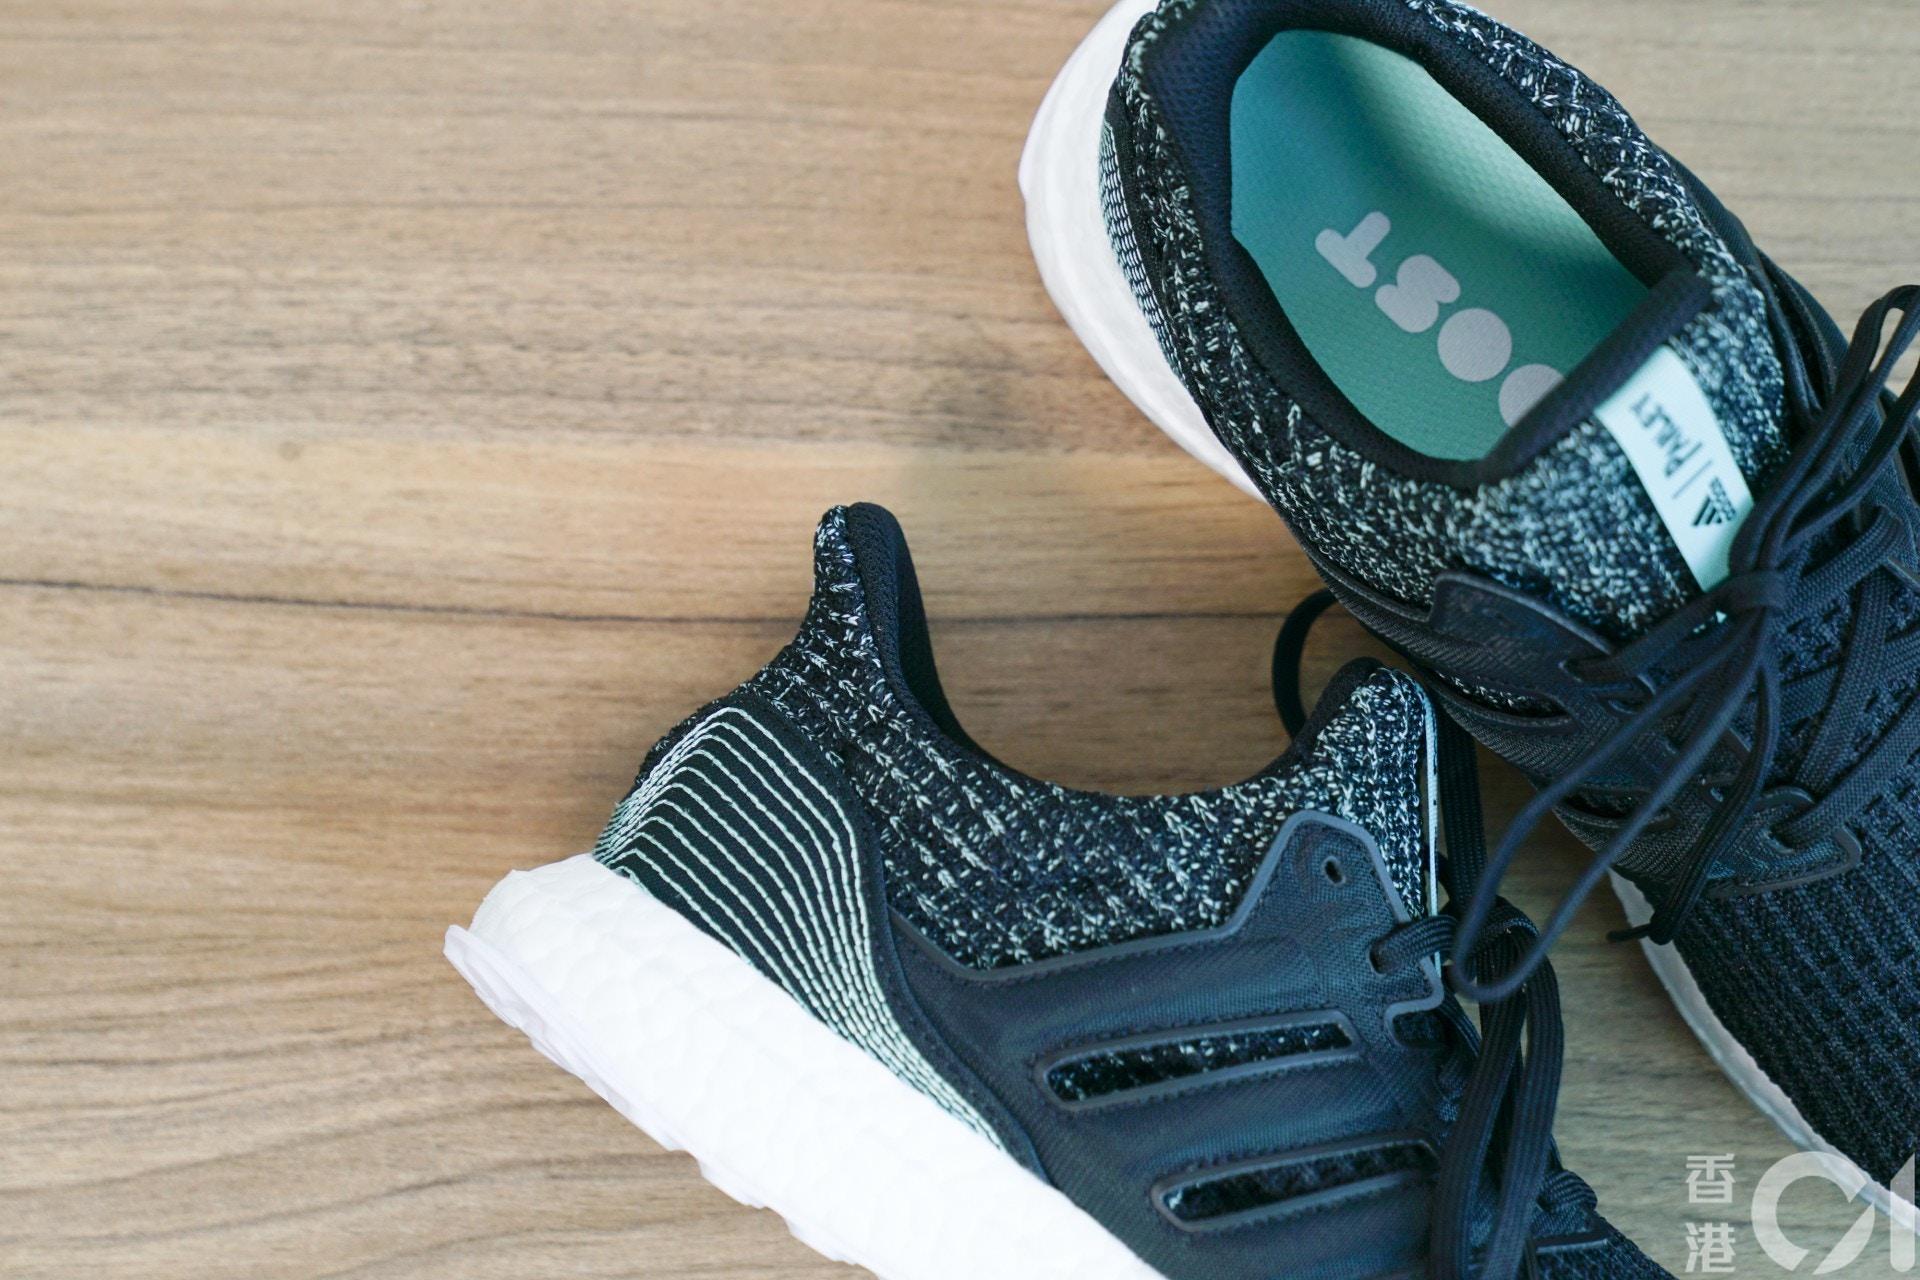 95%面料由塑料垃圾回收制成 Adidas运动鞋用实际行动拯救